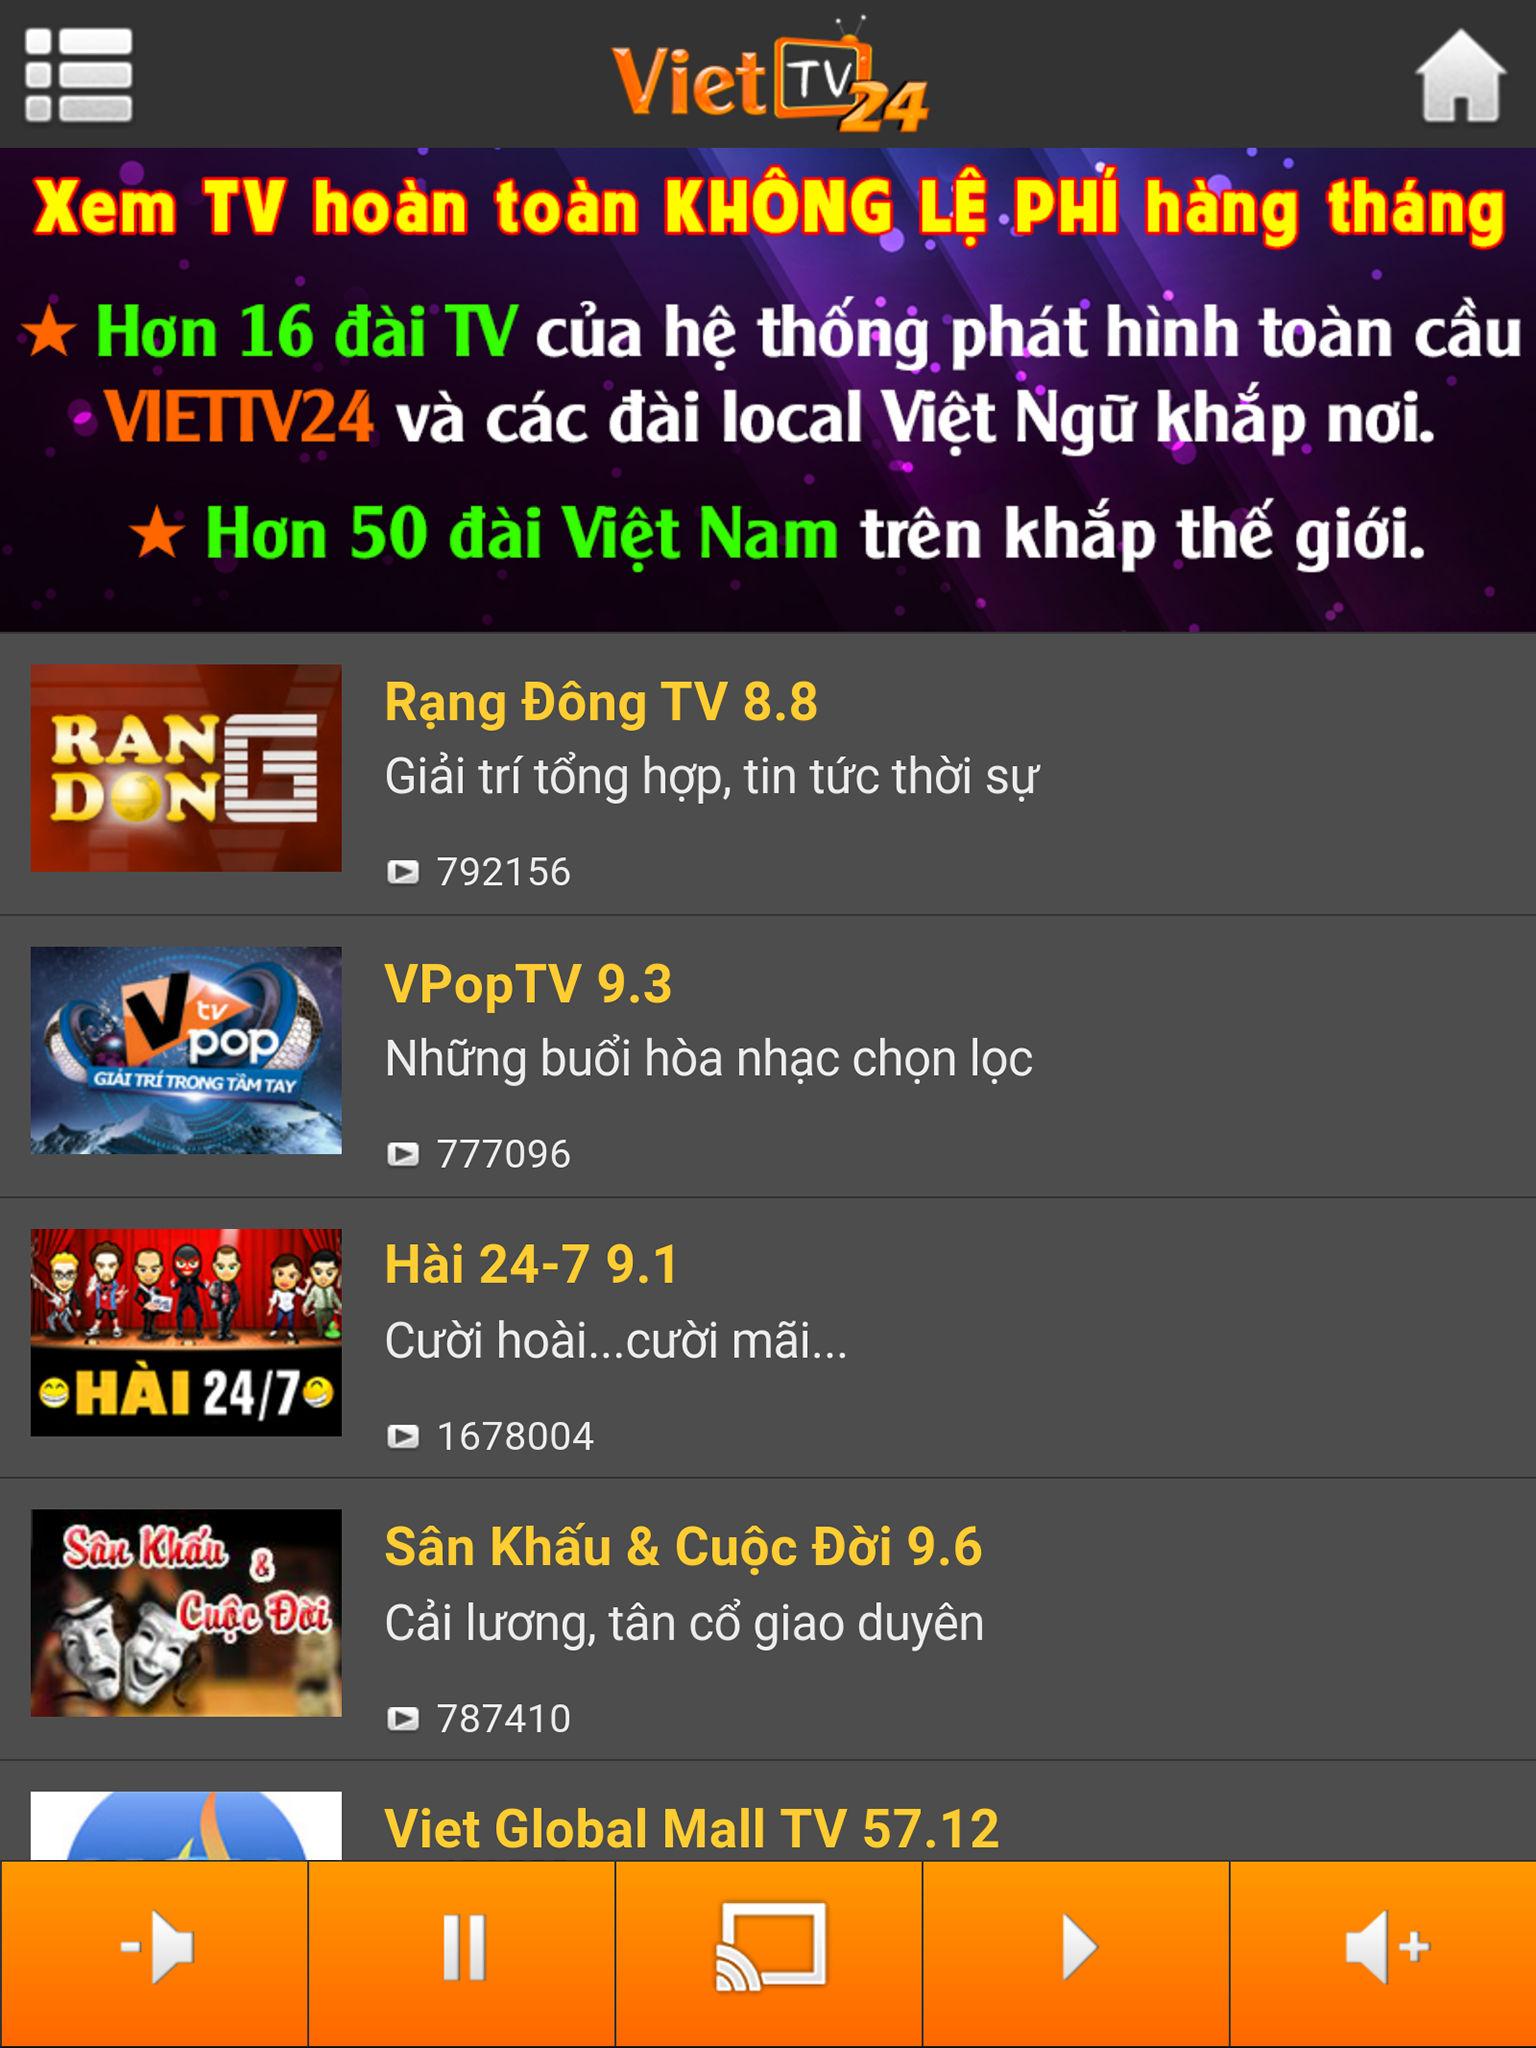 Viet TV24 App Ranking and Store Data | App Annie